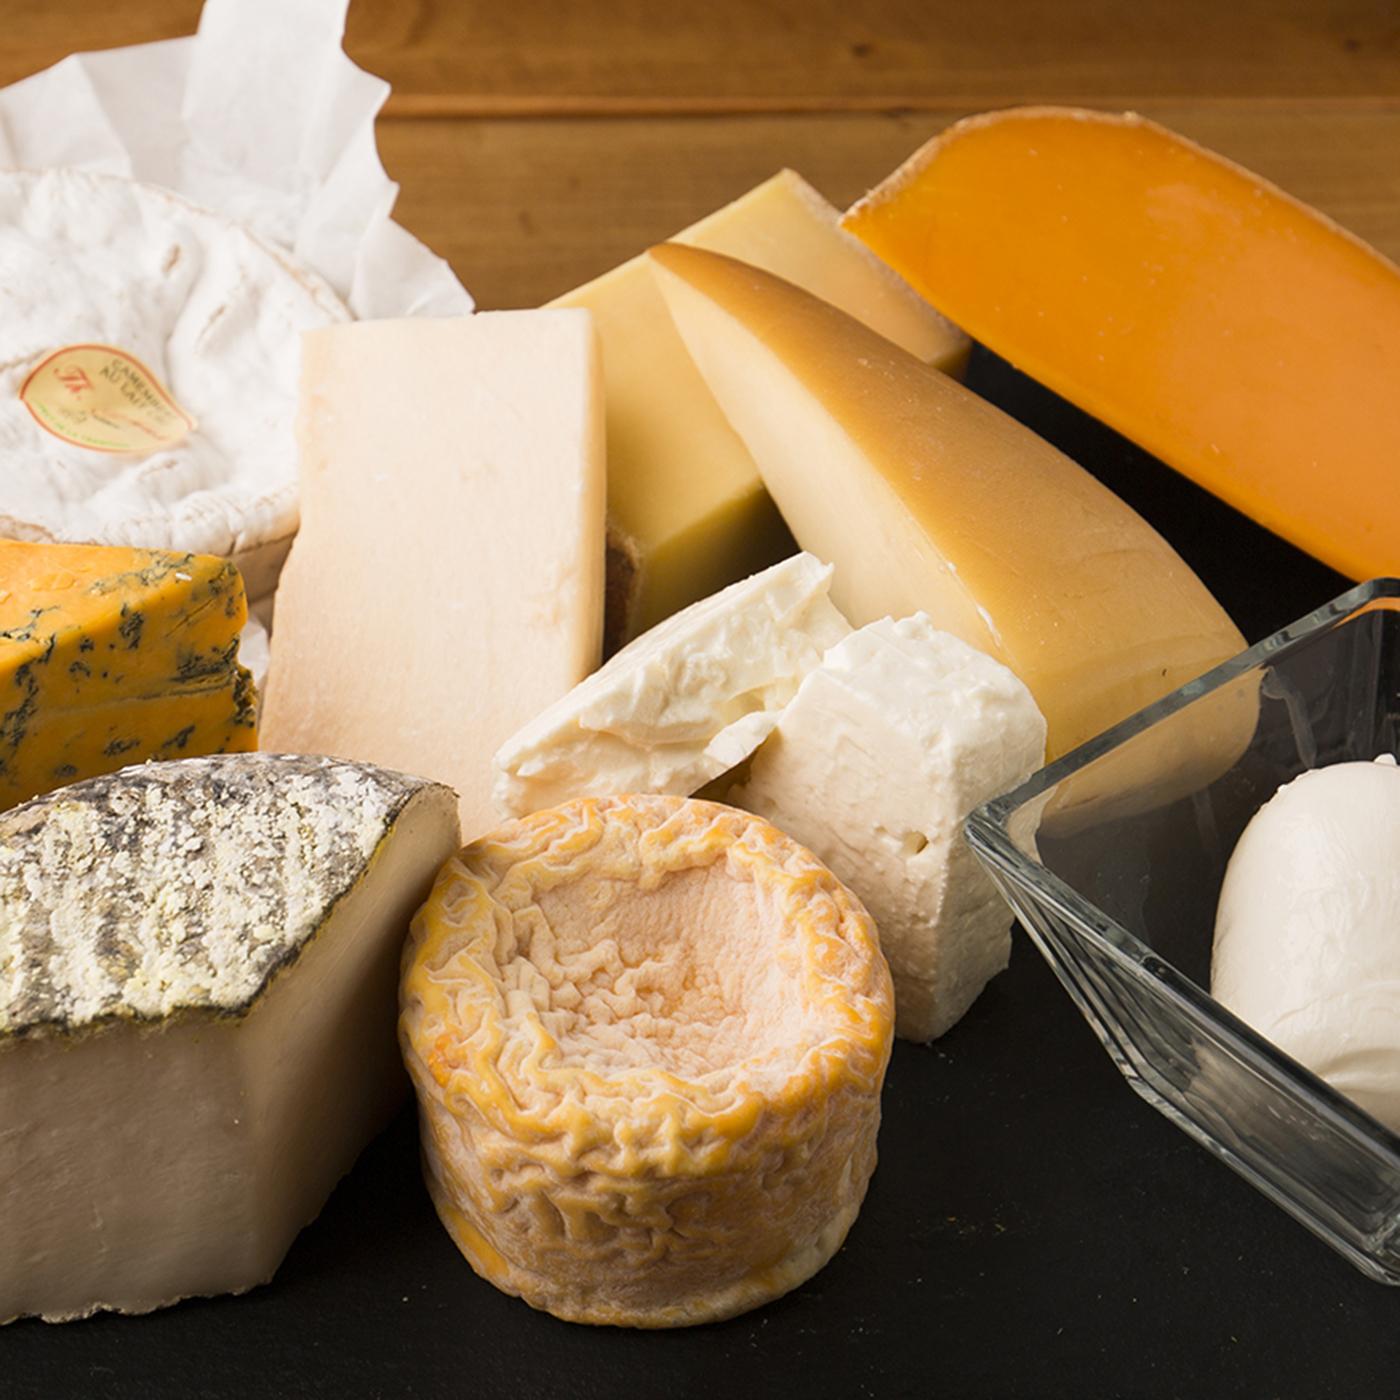 チーズプロフェッショナル取得 世界各国から厳選した今月のシェフおすすめのチーズ